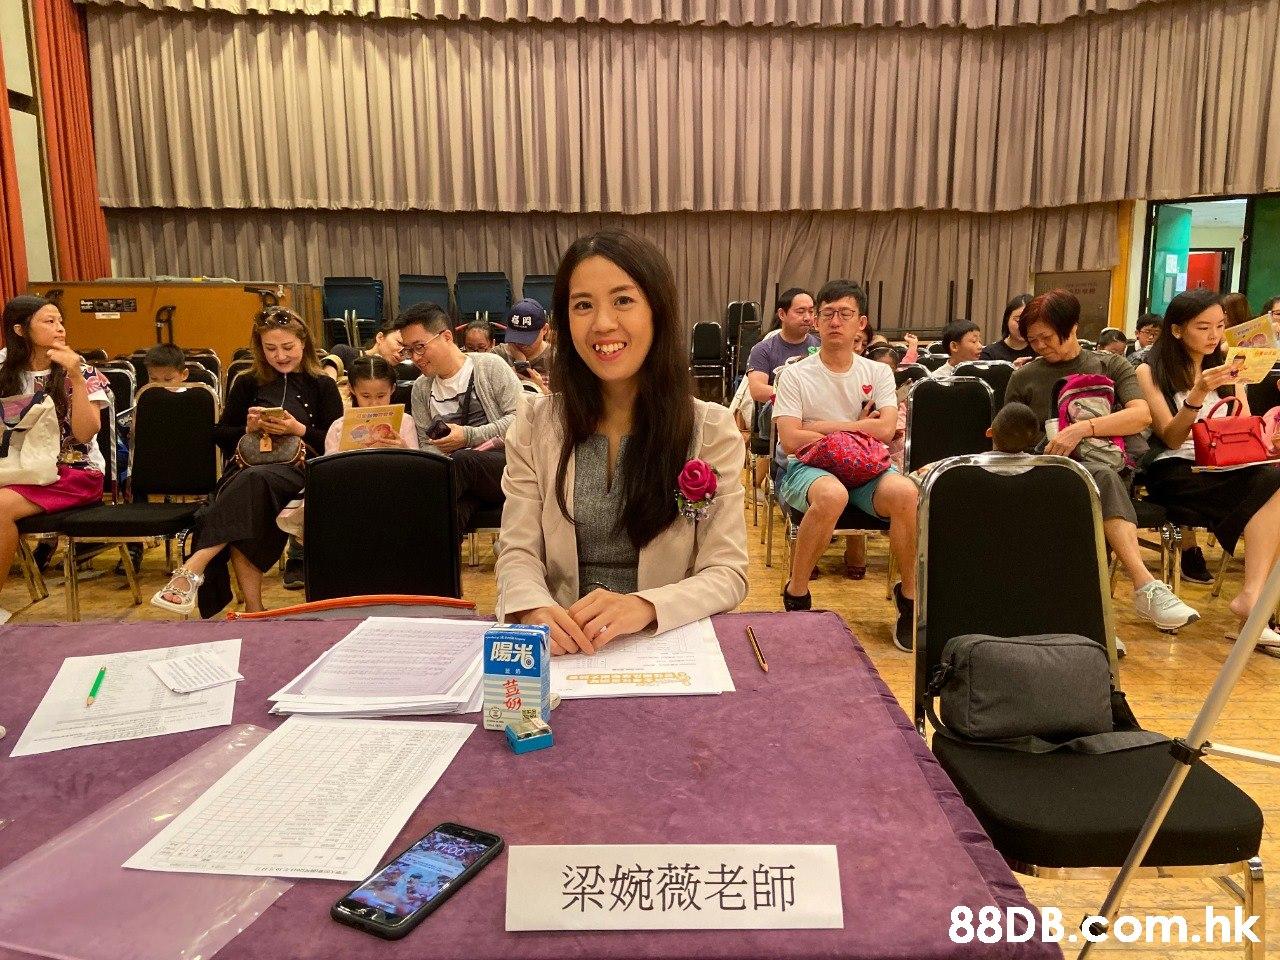 梁婉薇老師 88DB com.hk  Event,Community,Lunch,